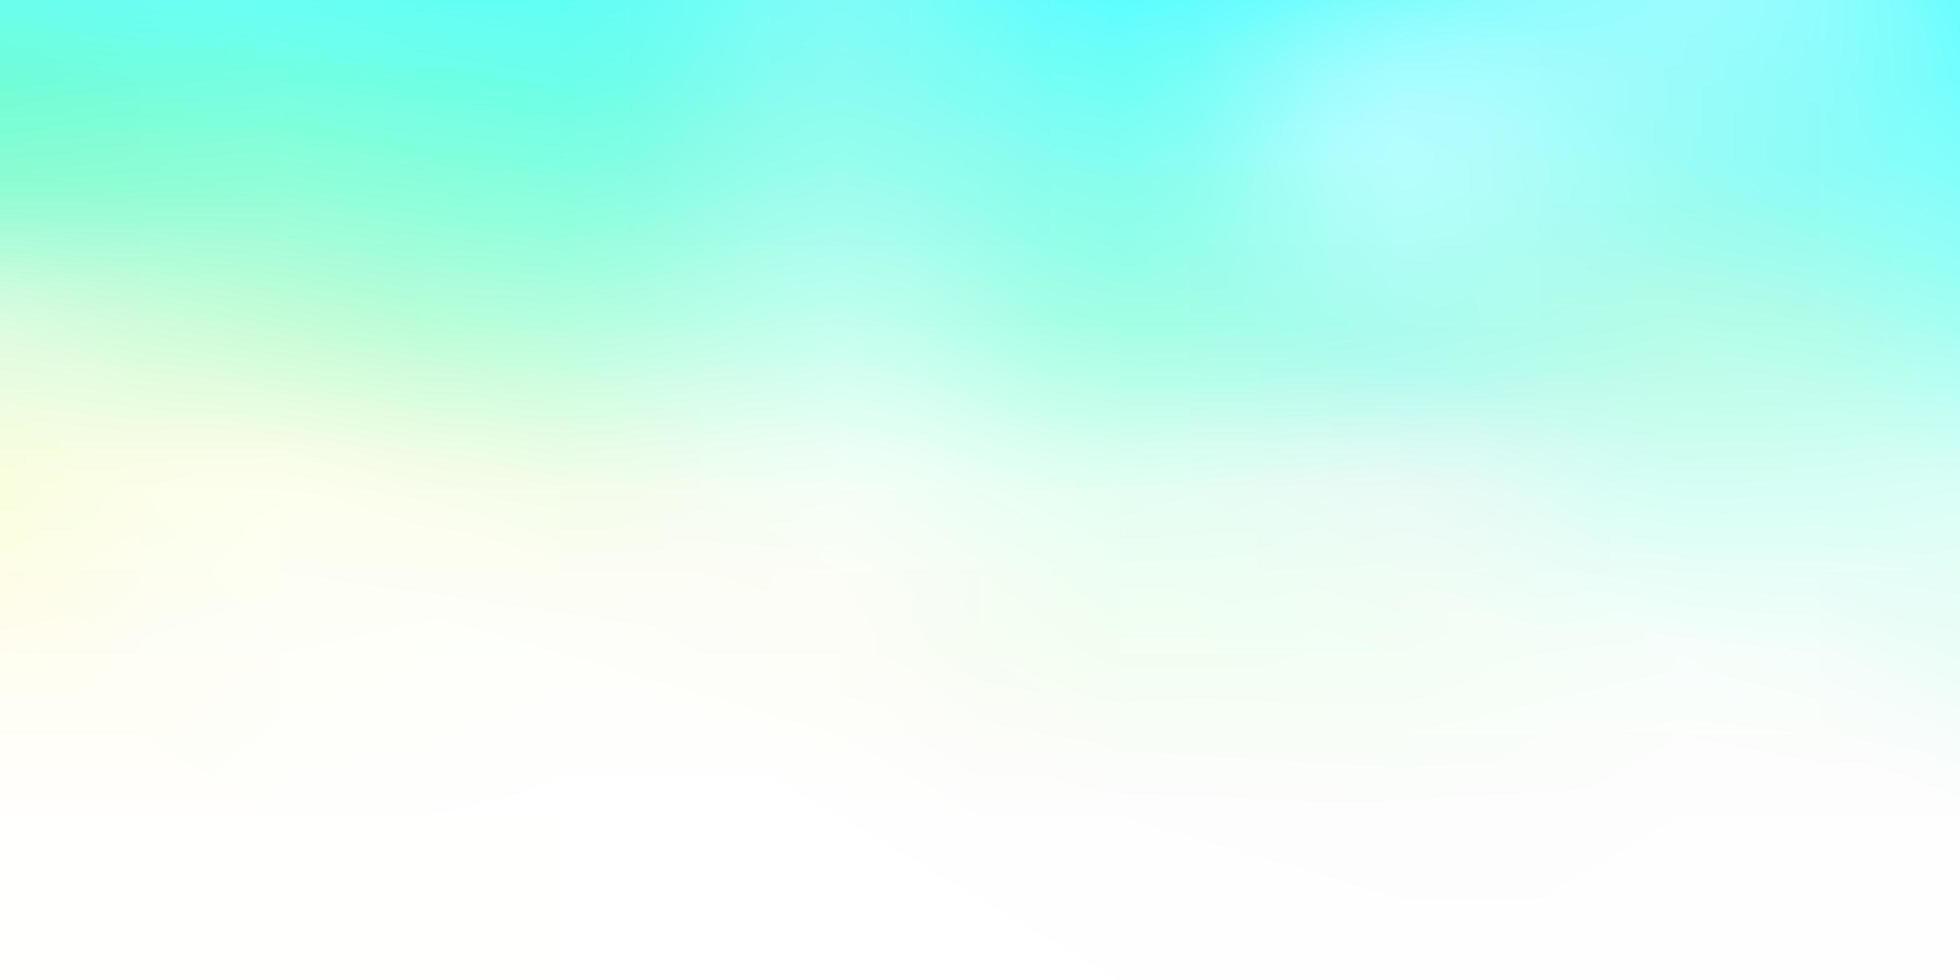 Desenho do borrão abstrato do vetor azul, verde claro.